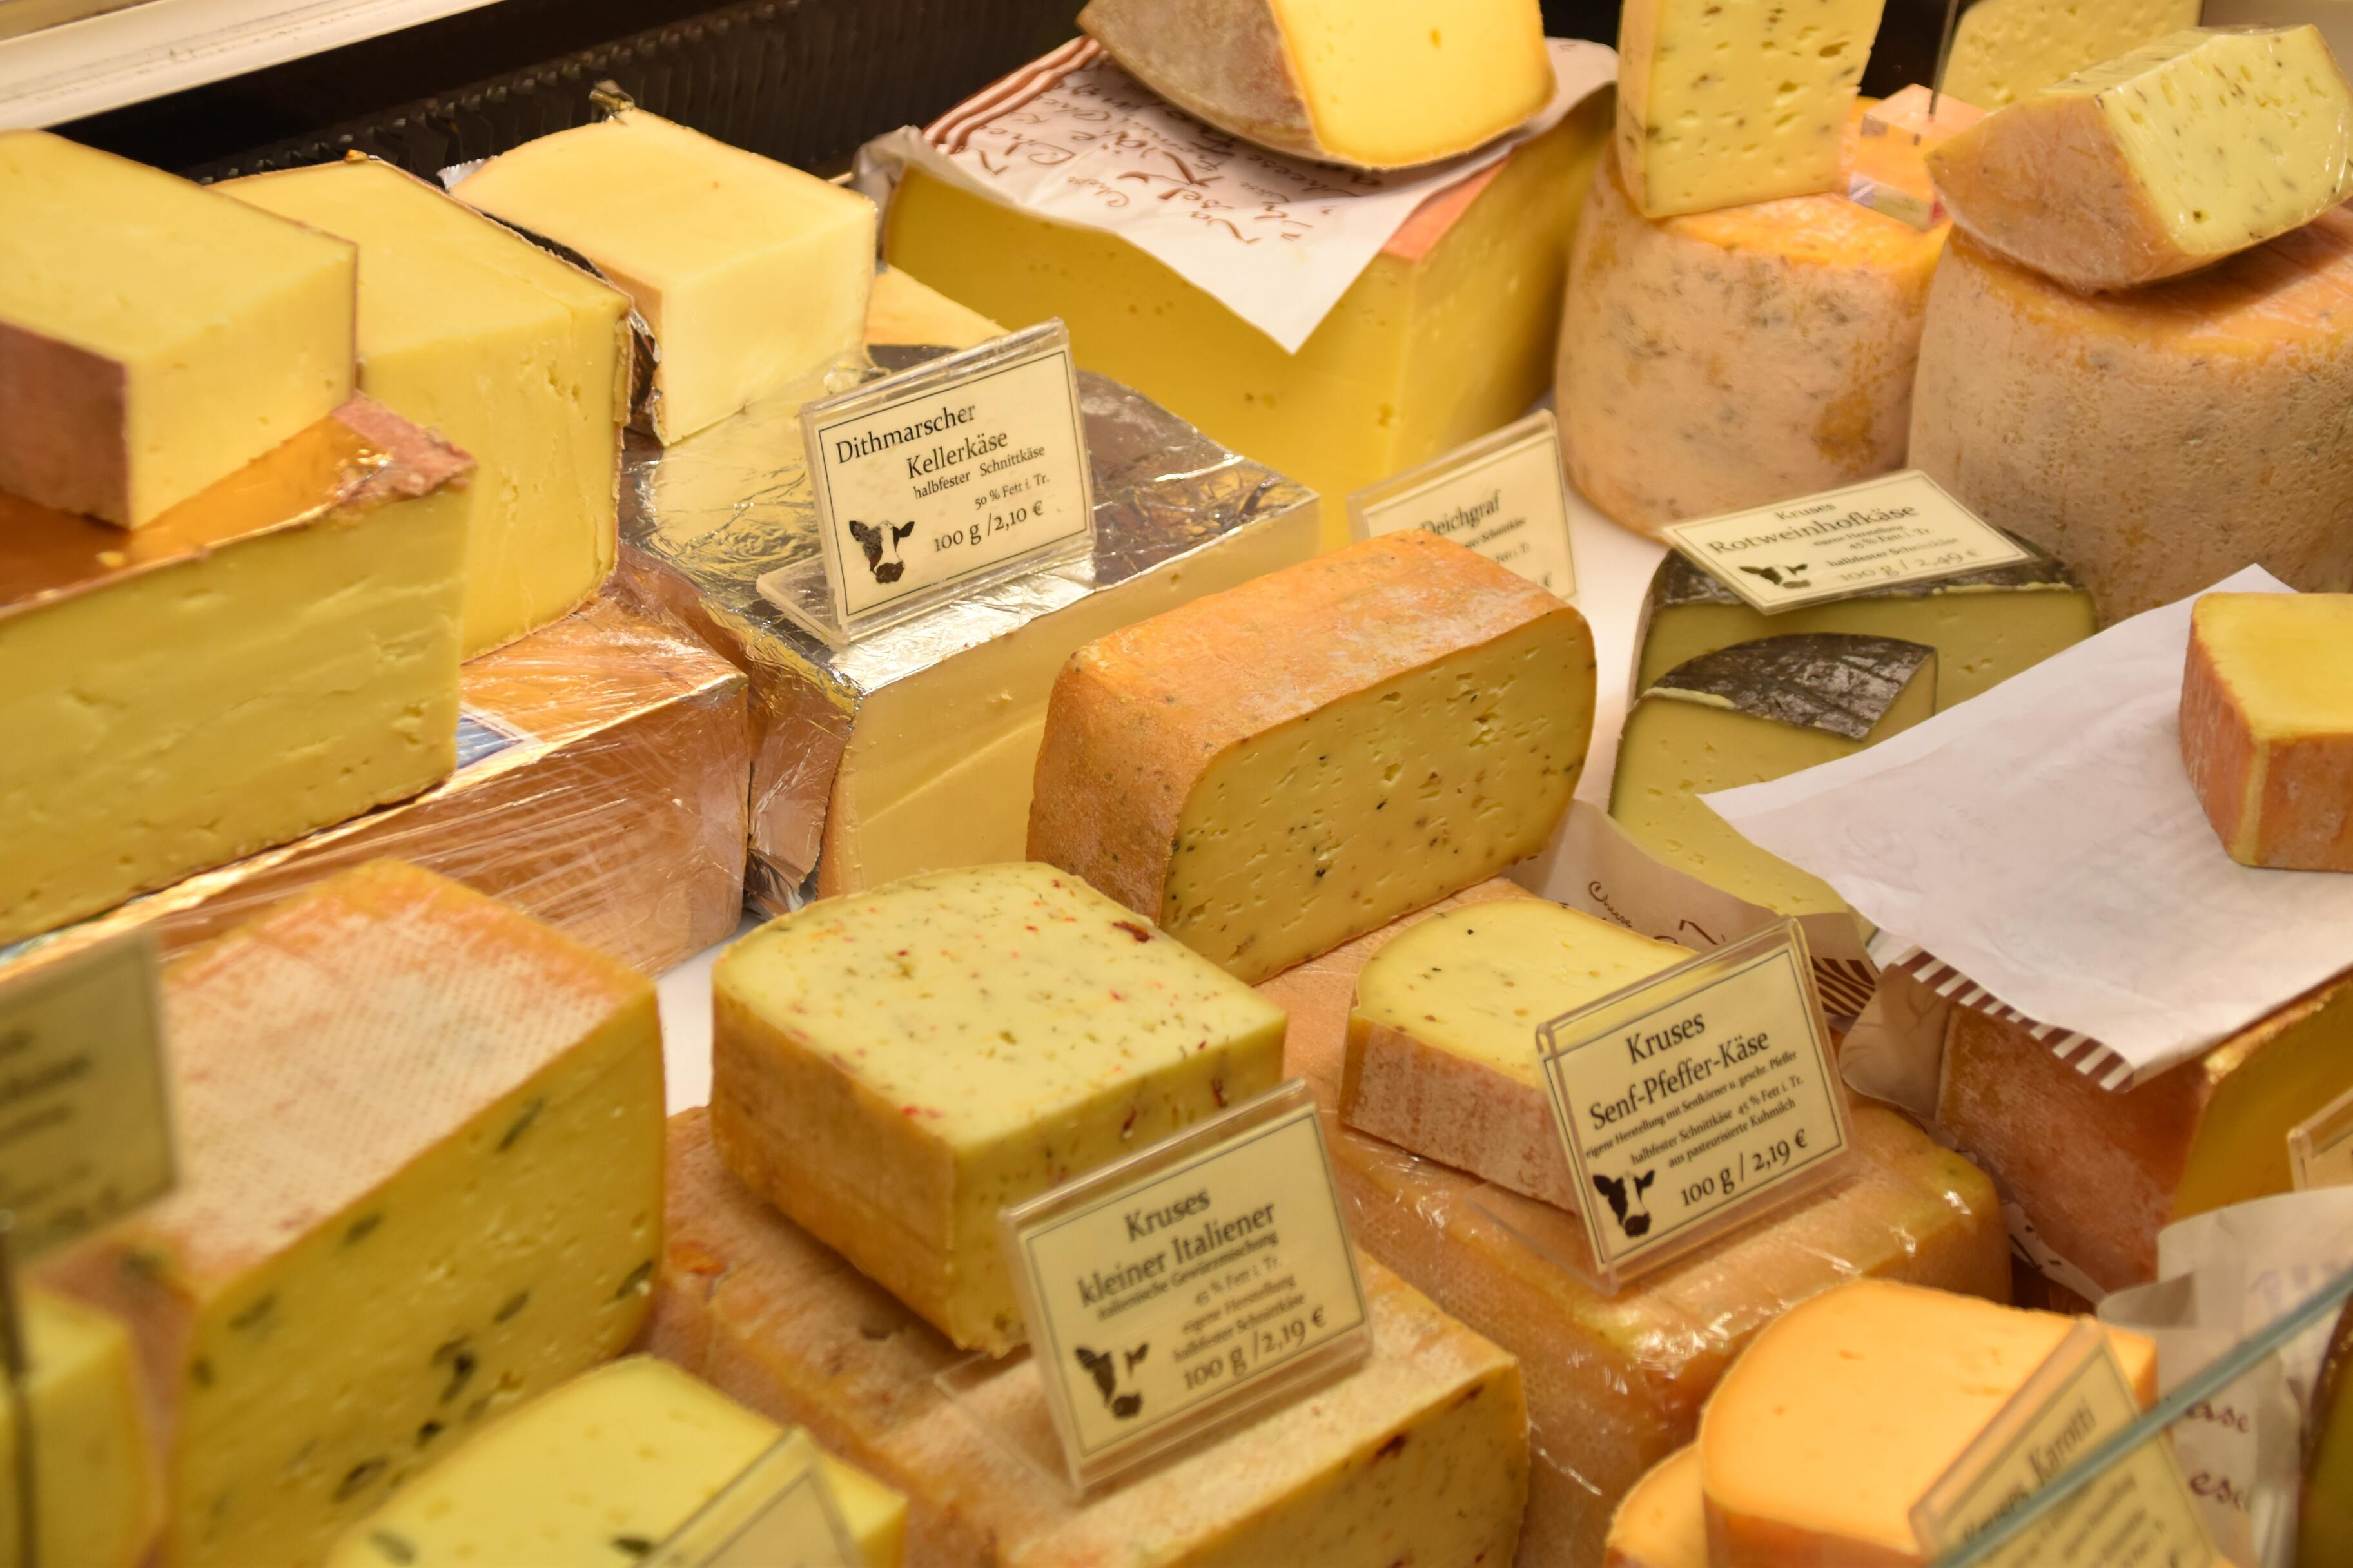 Из-за хакерской атаки в сети супермаркетов закончился сыр